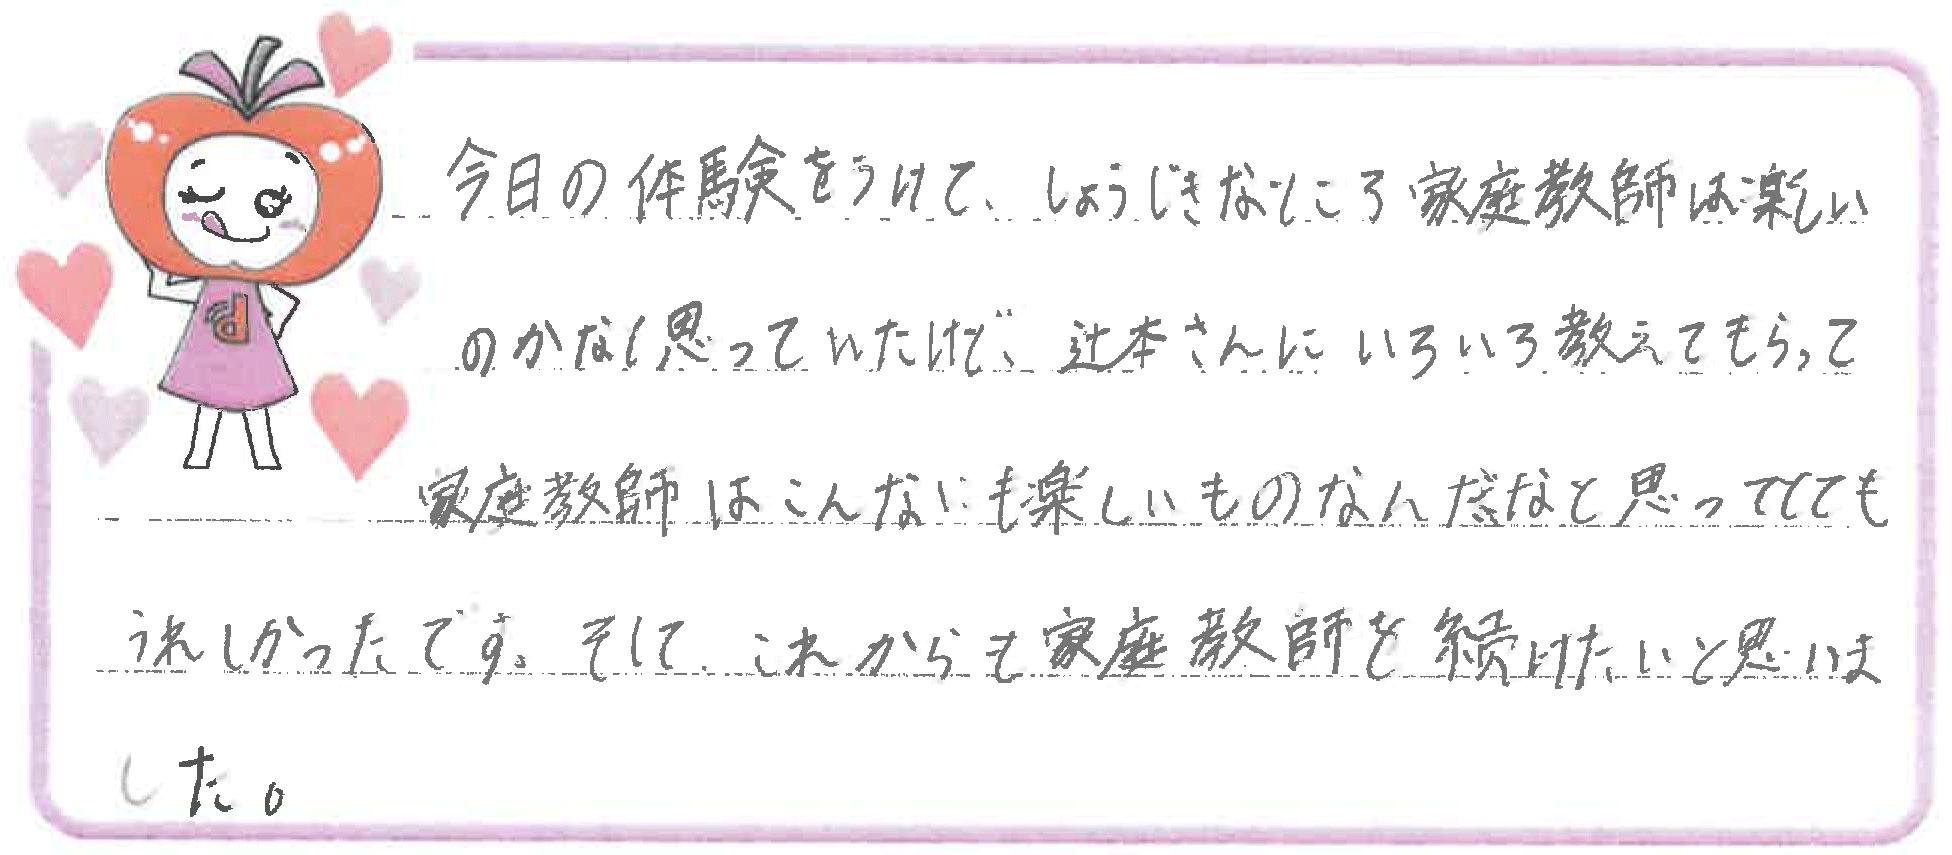 S君(魚津市)からの口コミ